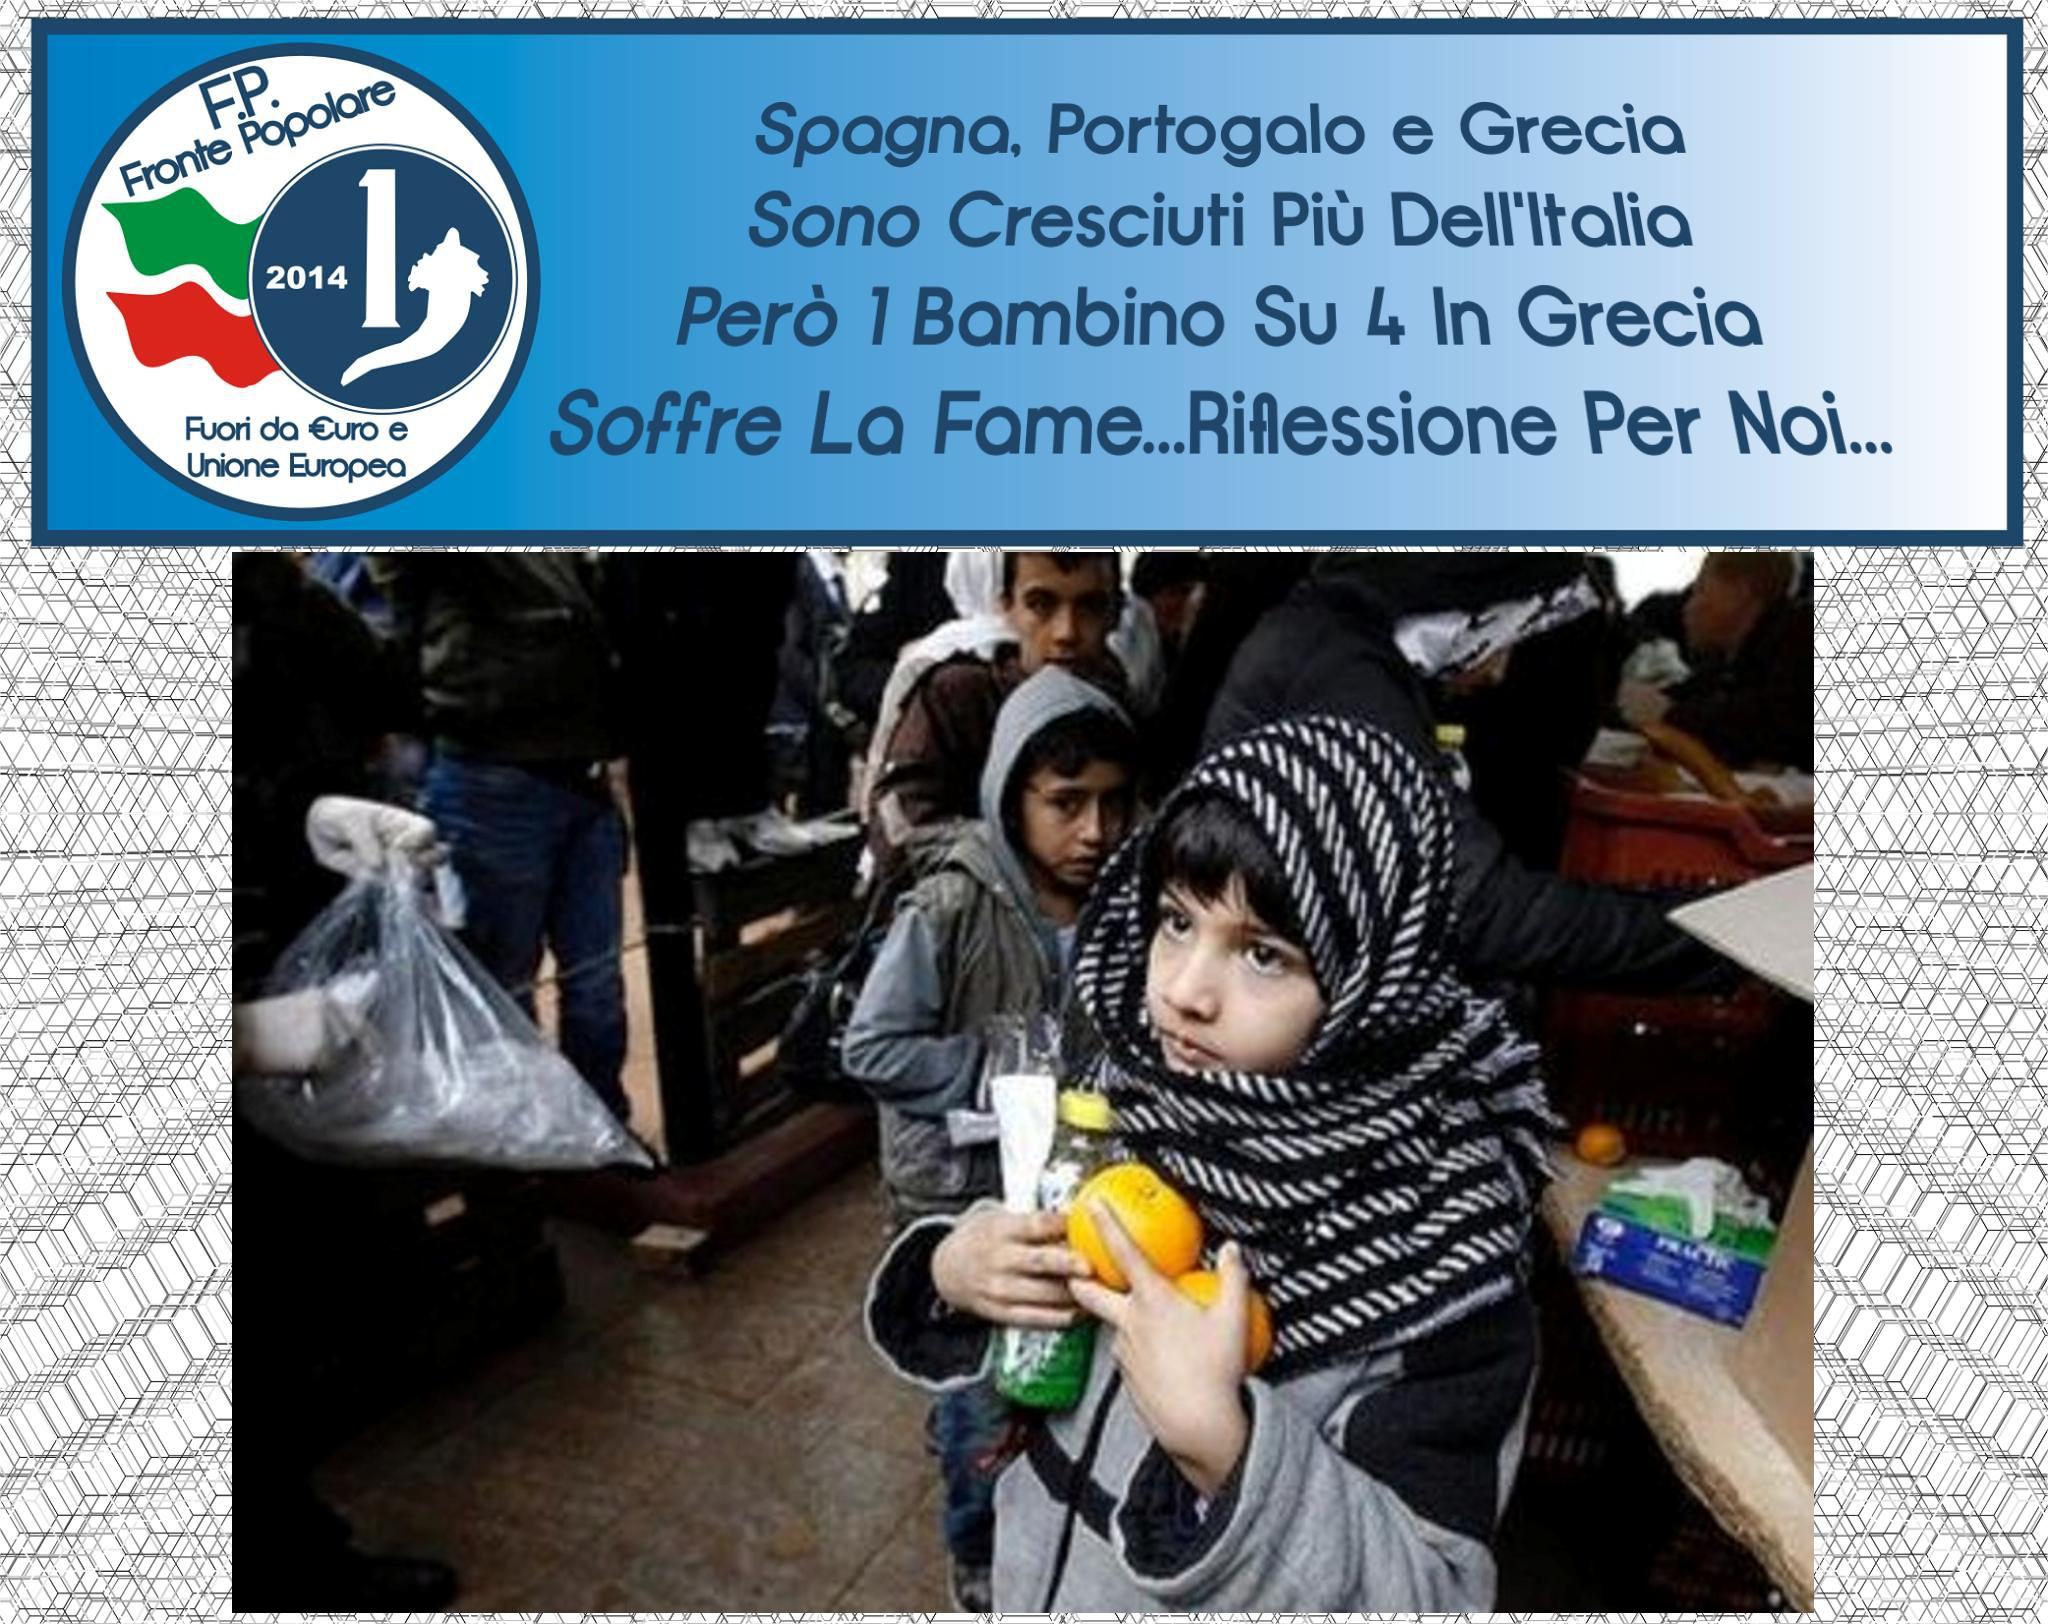 bambini i grecia soffrono la fame_fronte popolare